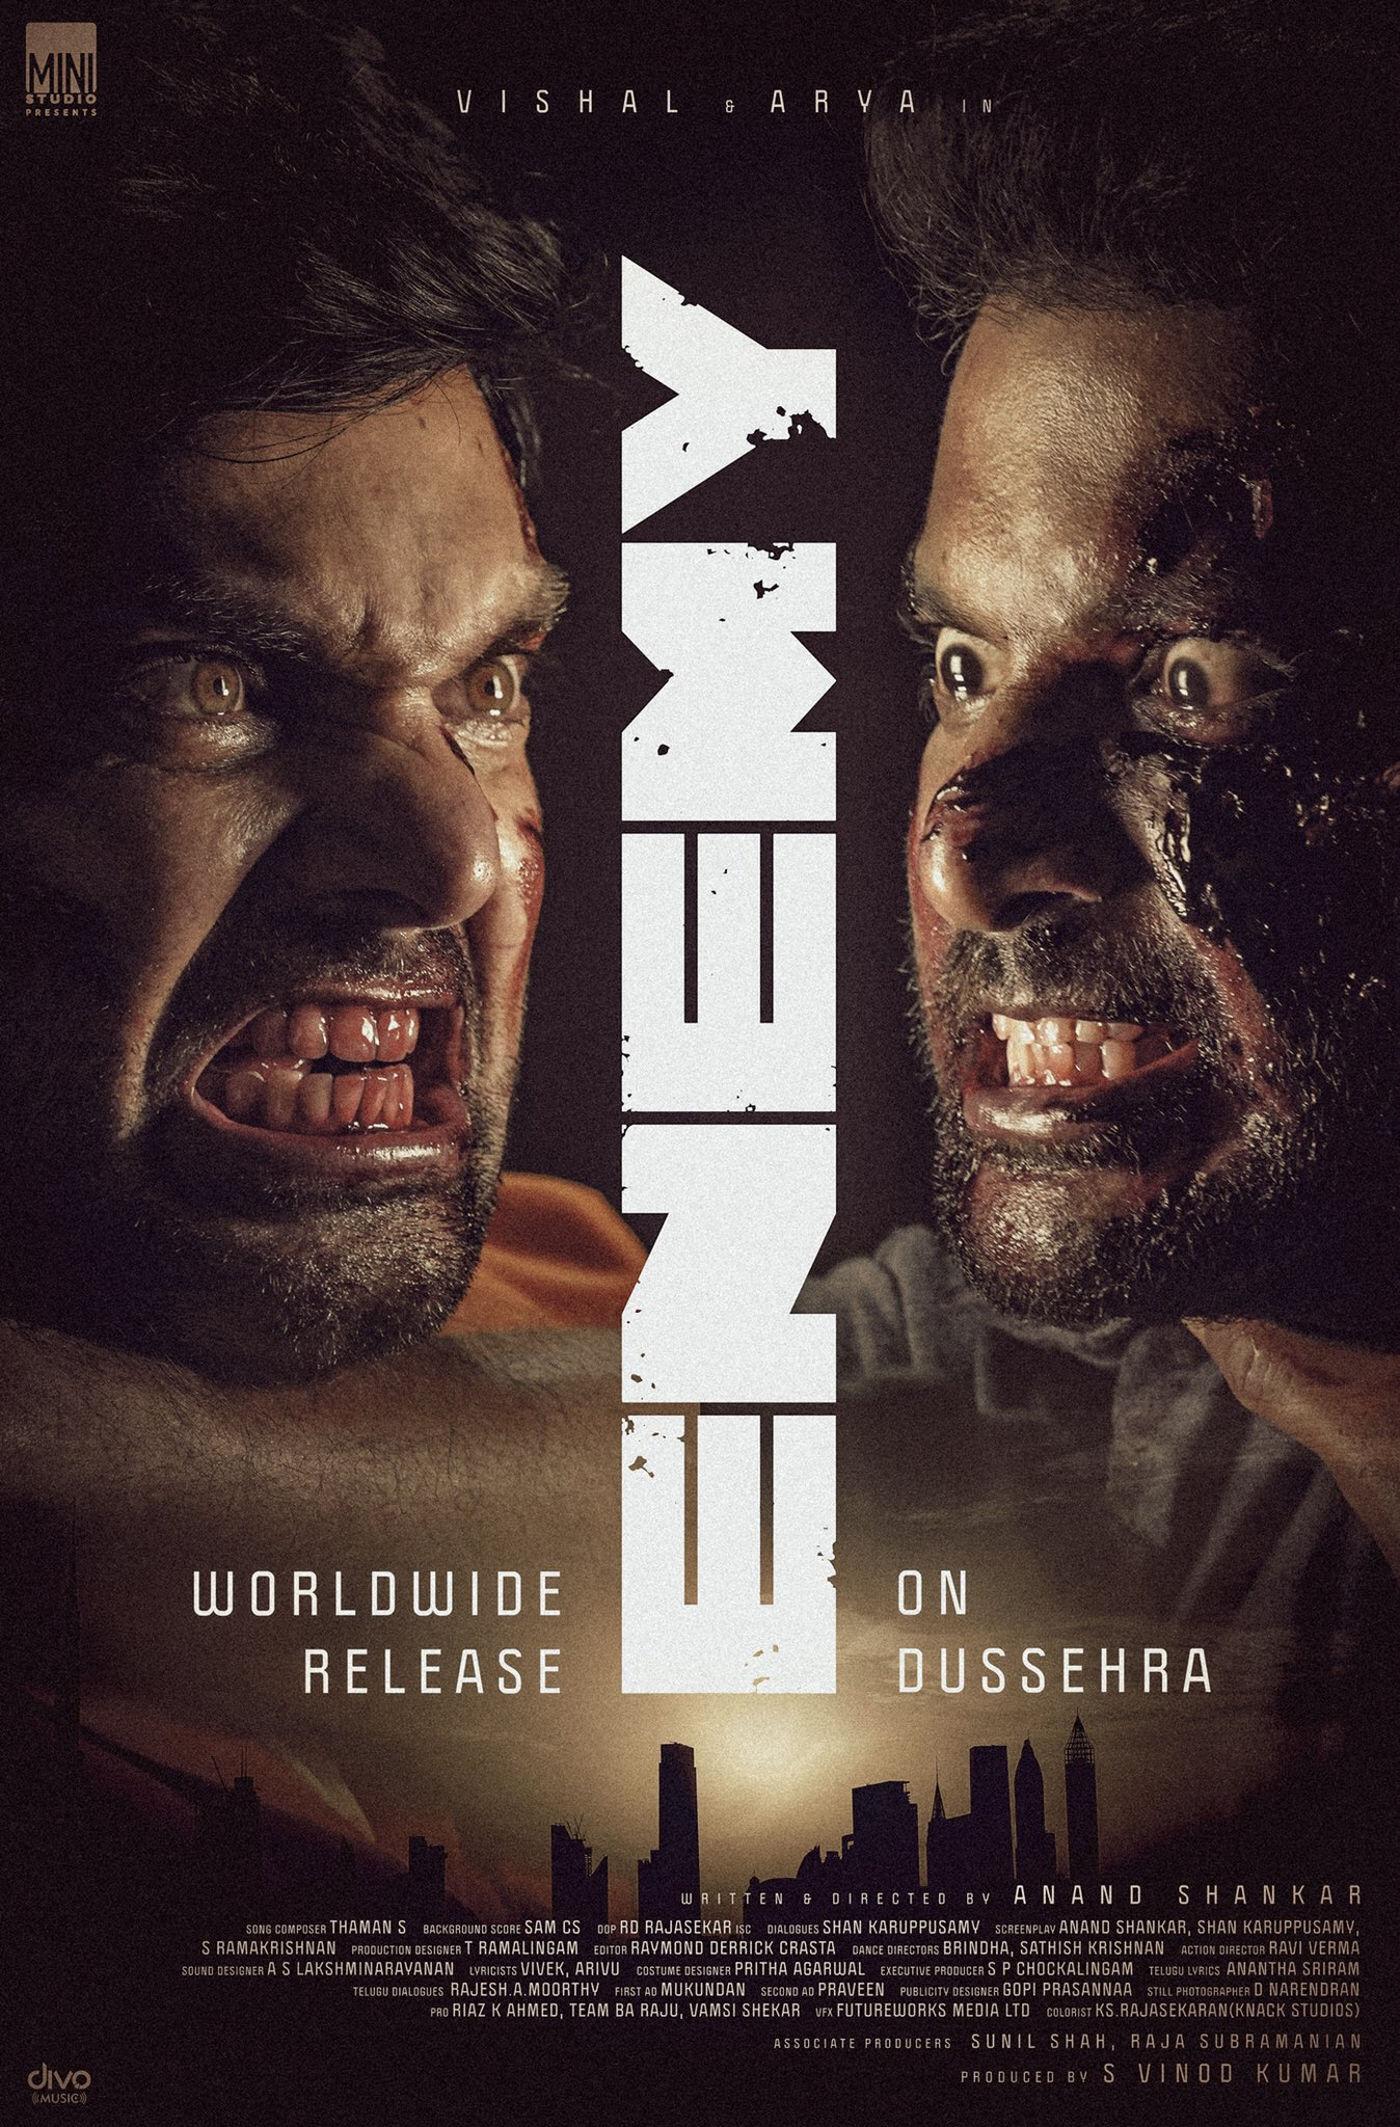 Vishal, Arya Enemy Movie Release on Dussehra HD Poster